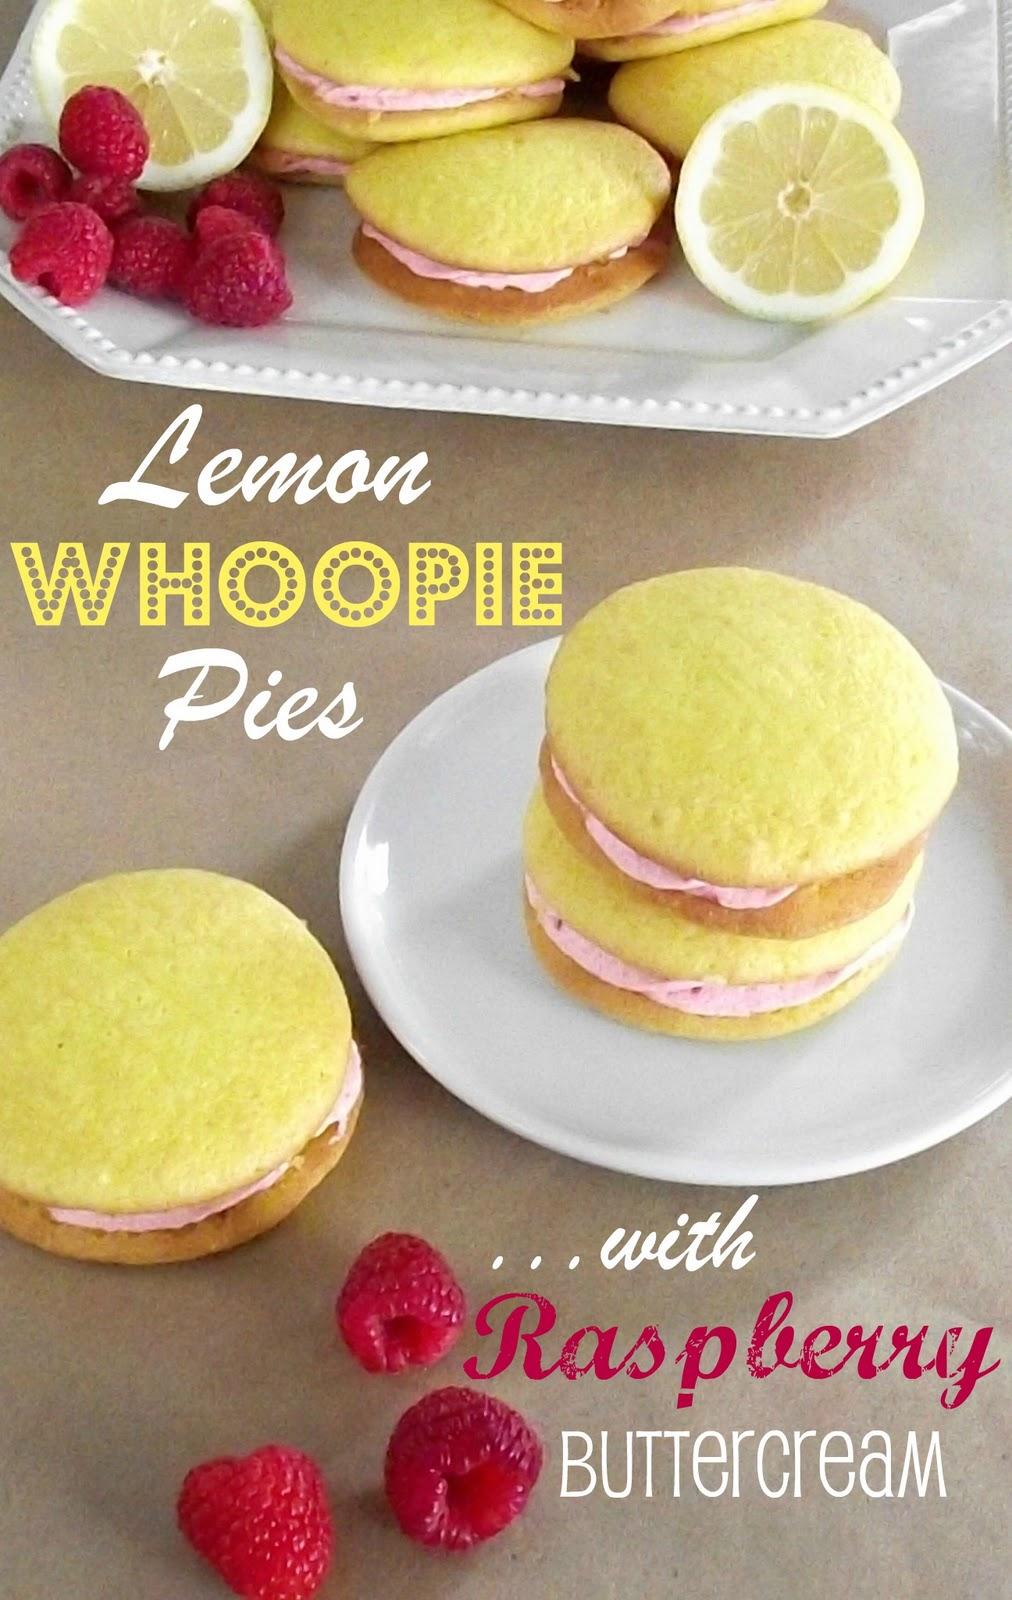 Lemon Whoopie Pie Recipe Cake Mix